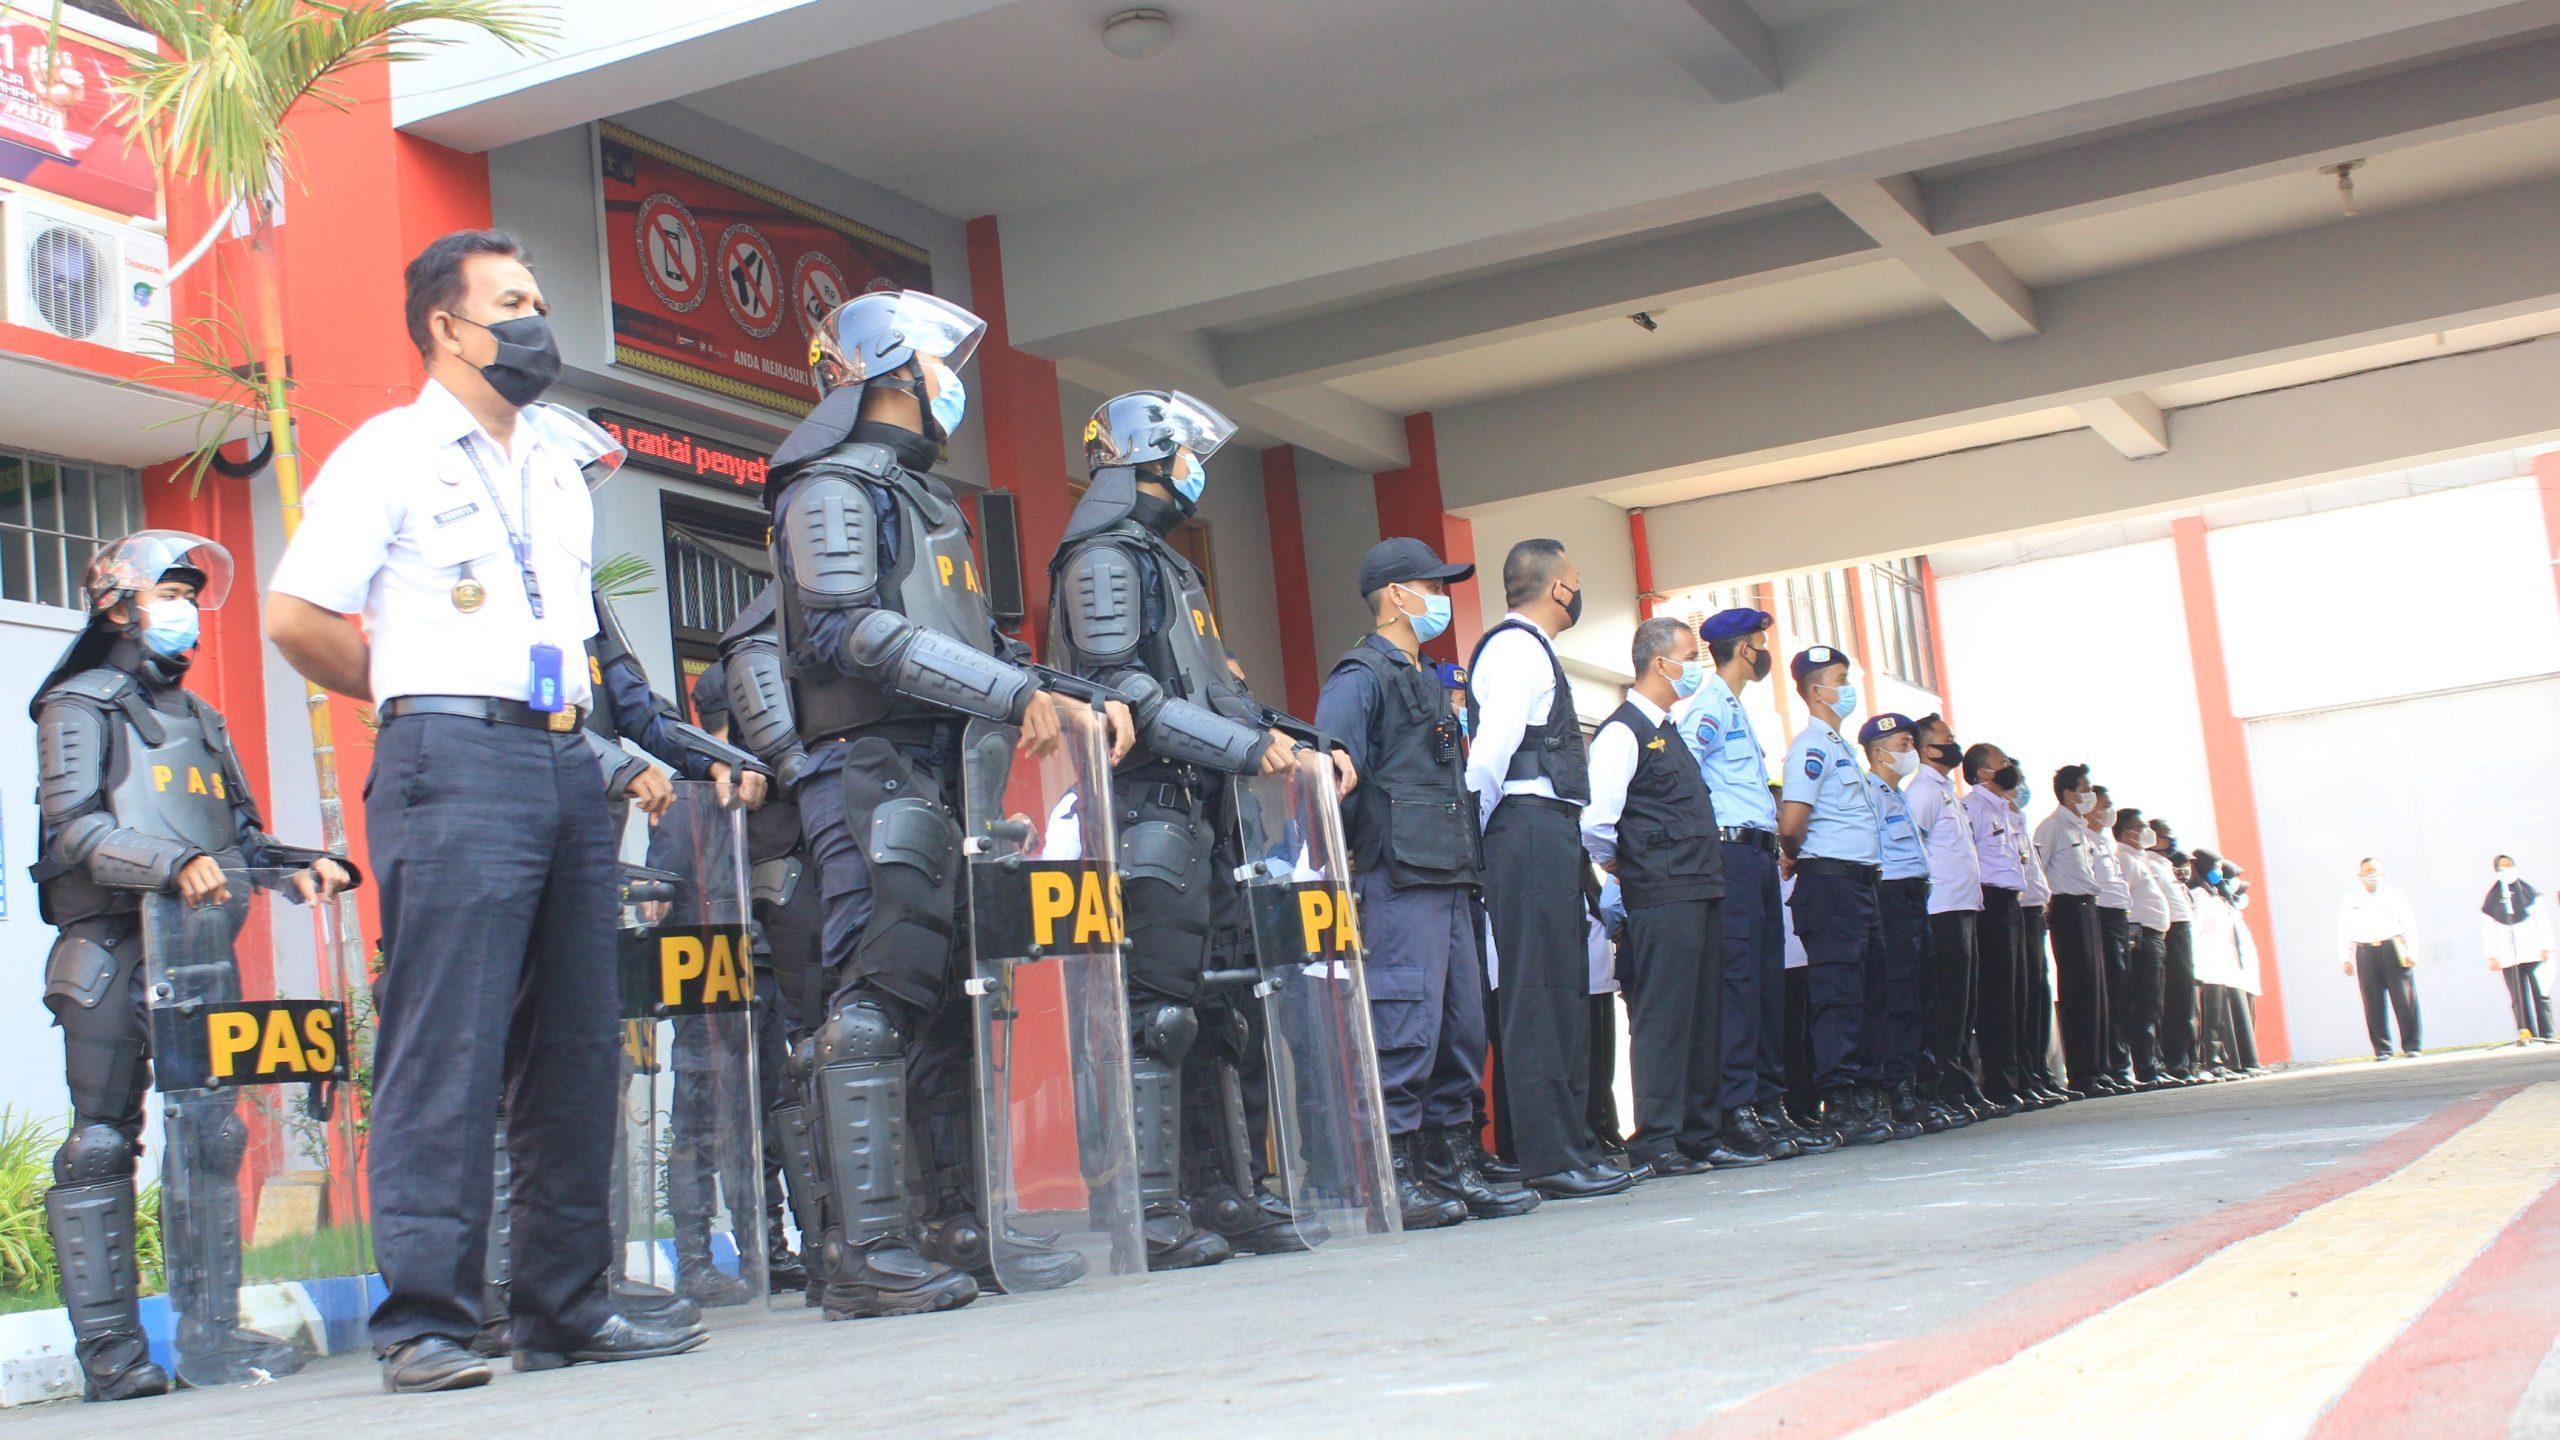 Petugas Pemasyarakatan Lapas Yogyakarta saat mengikuti Apel Siaga Menjelang Hari Raya Idulfitri 1442 H